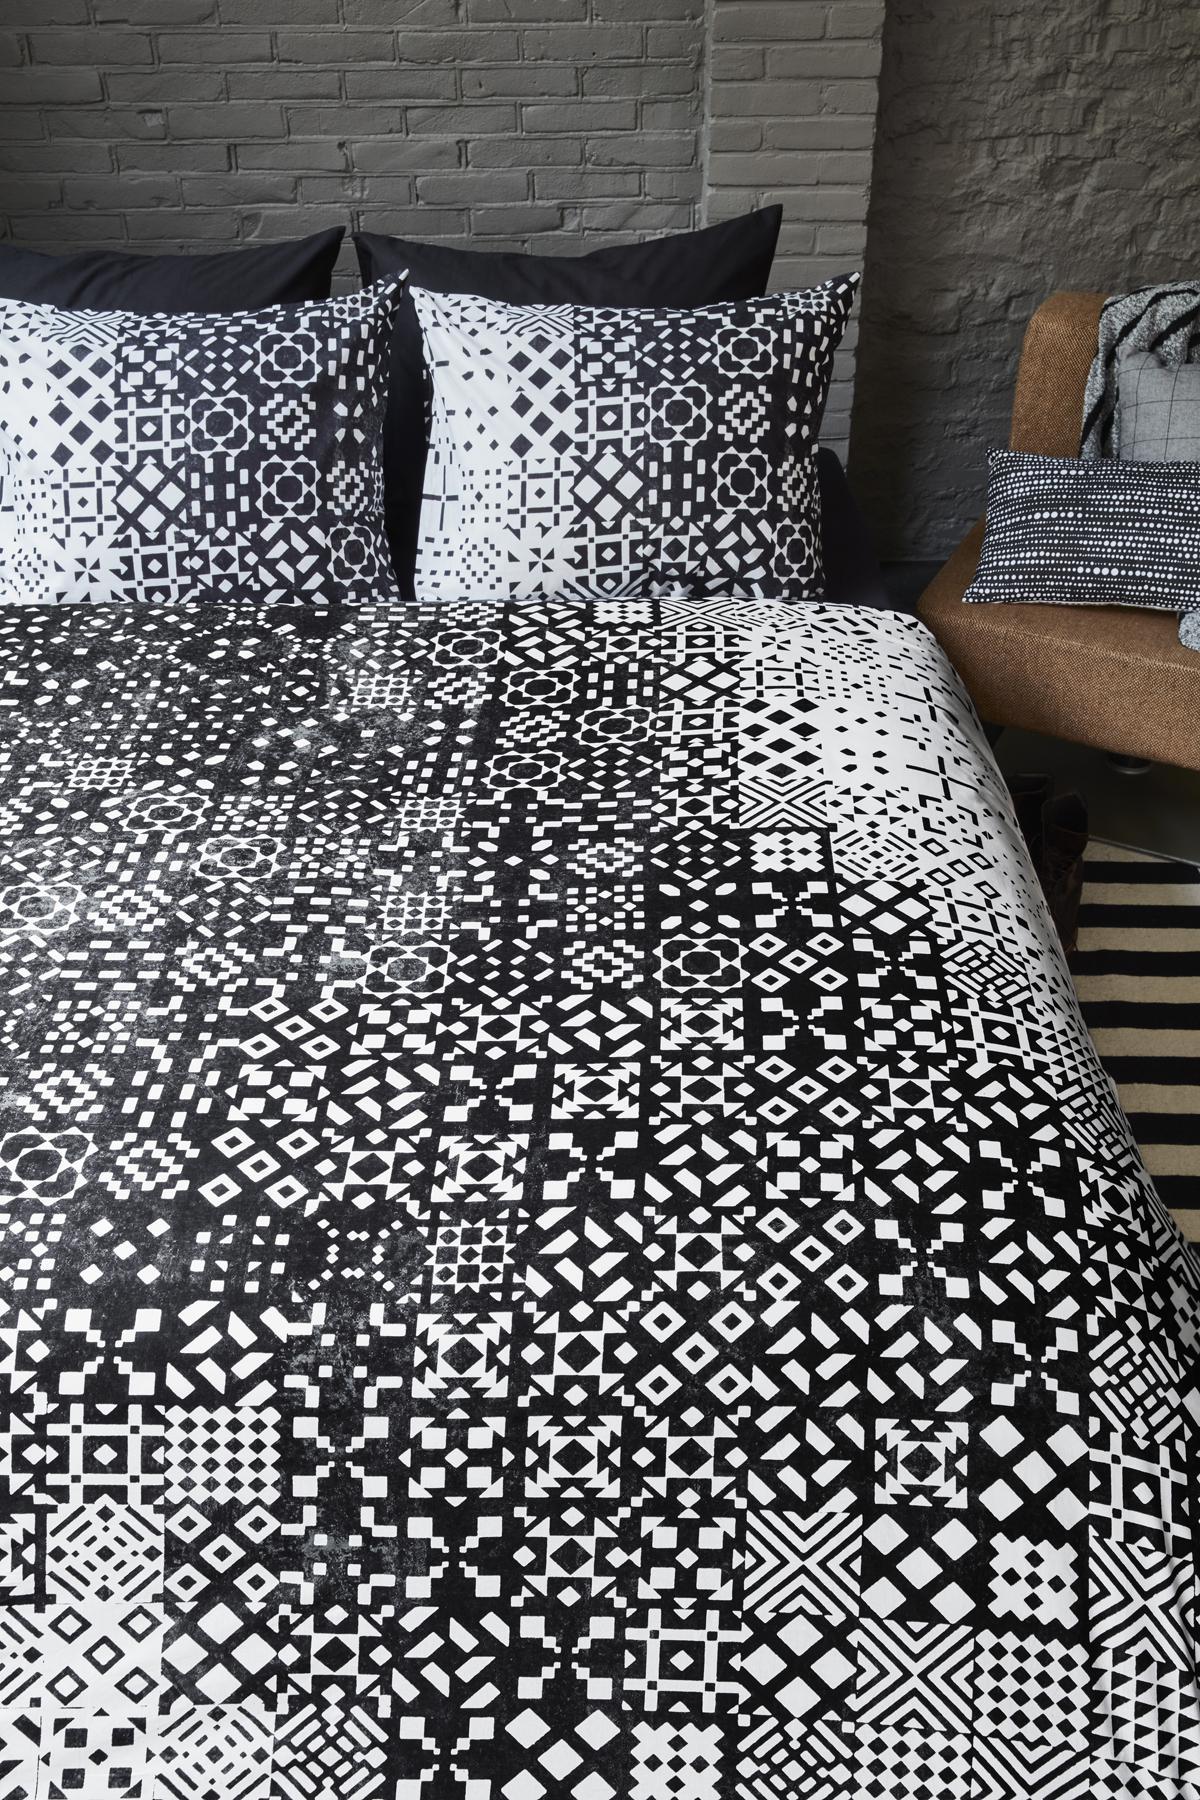 baumwoll bettw sche 135x200 schwarz wei beddinghouse 100 baumwolle kaufen bei betten krebs. Black Bedroom Furniture Sets. Home Design Ideas